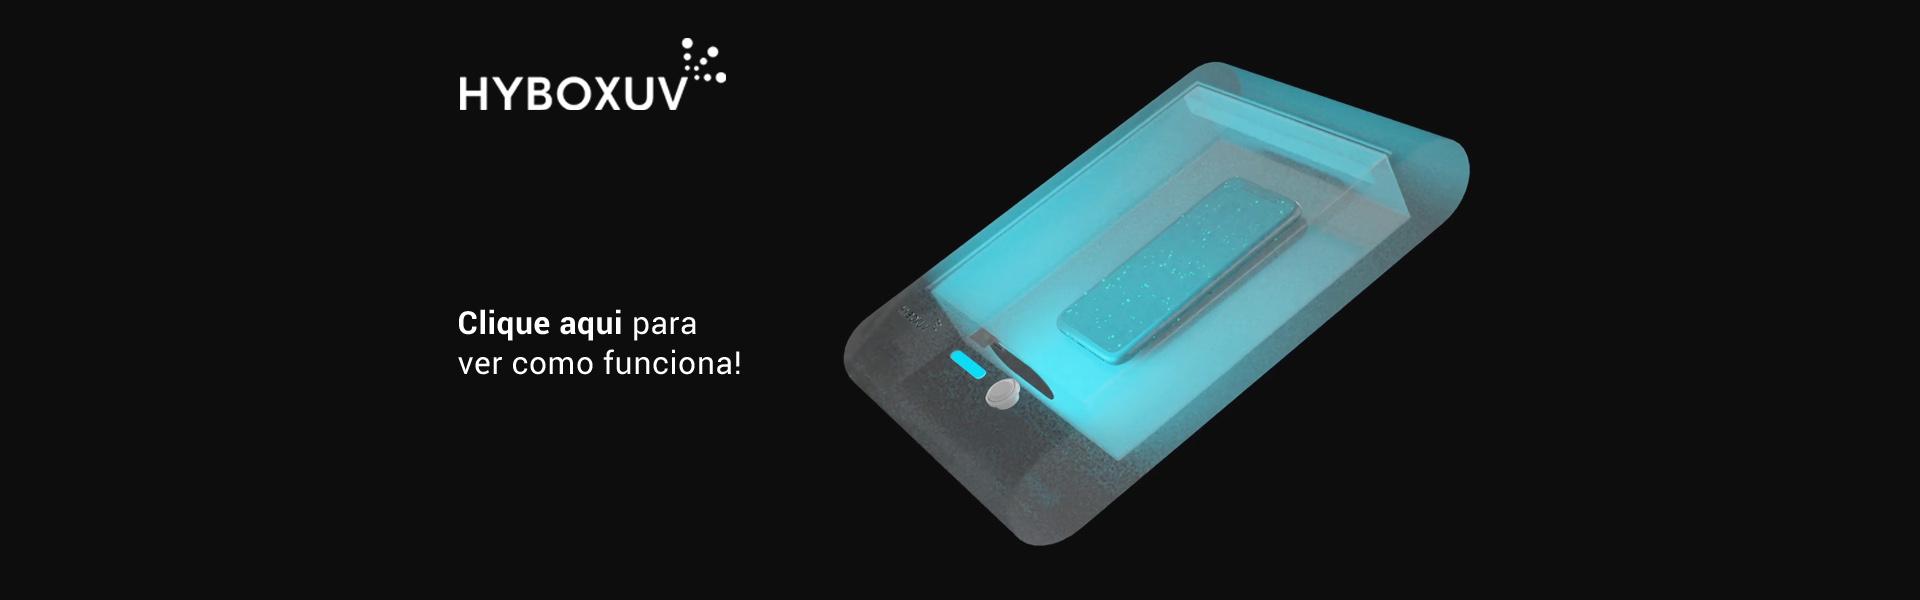 HYBOXUV - Desinfecção de objectos com Luz UV-C video thumb